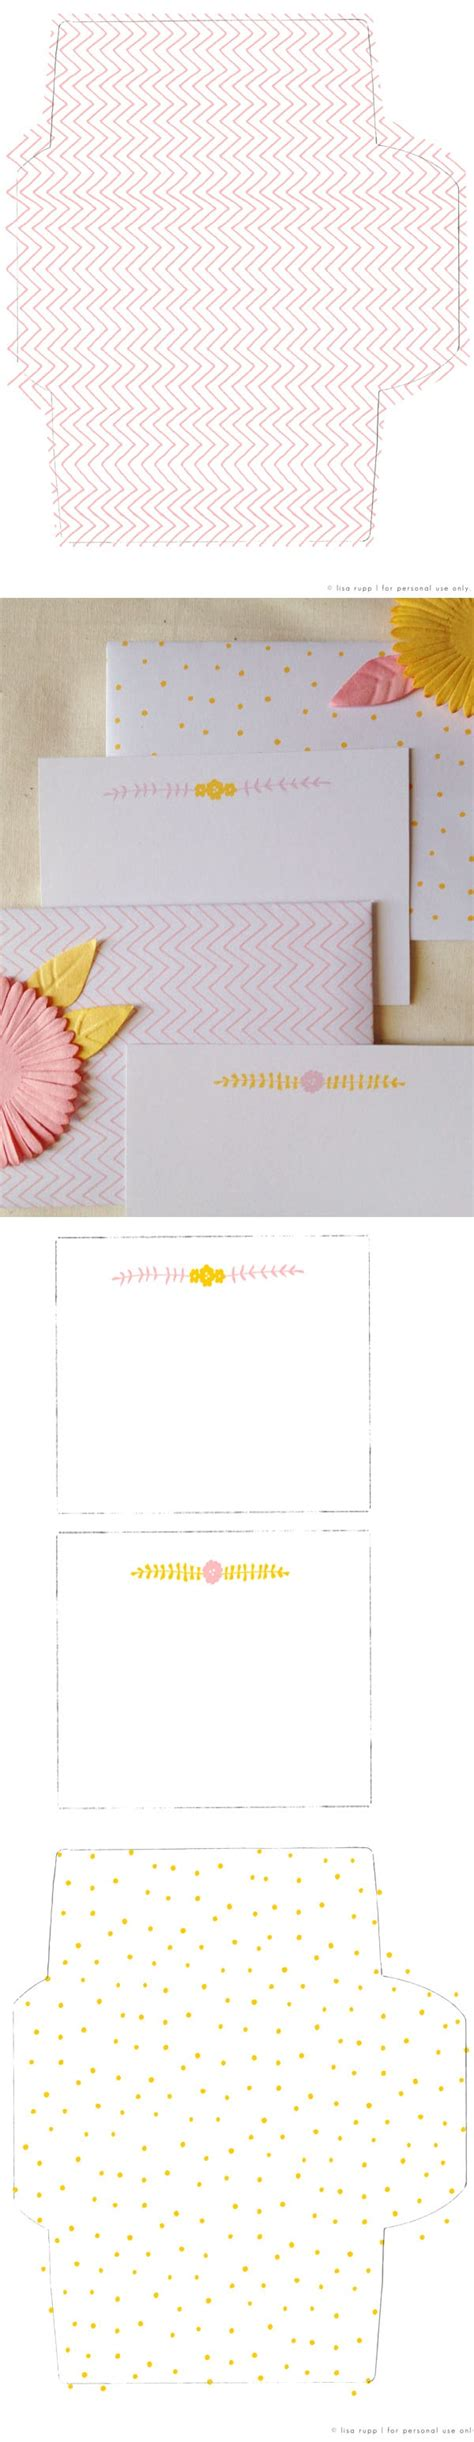 source cards template oltre 25 fantastiche idee su imprimer enveloppe su